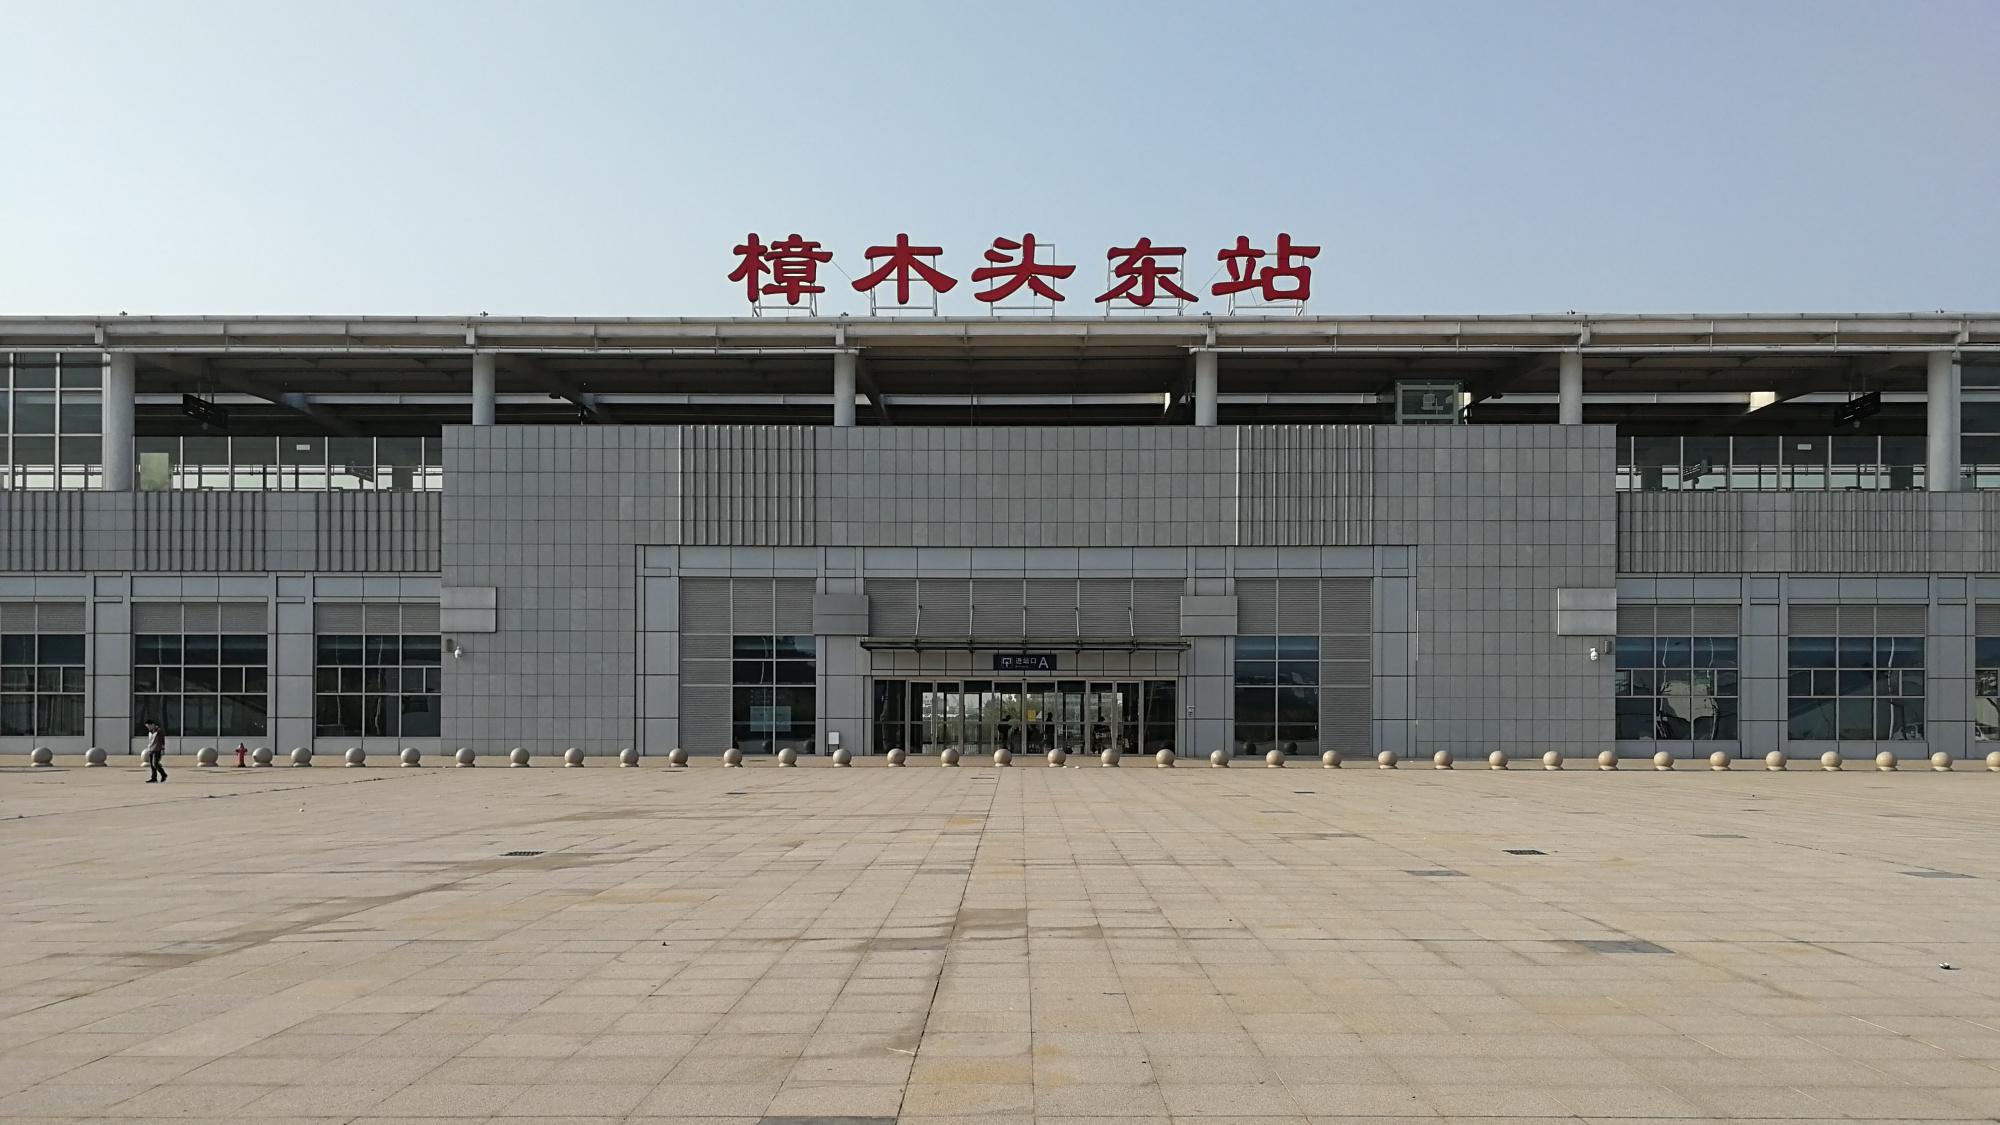 广惠城际铁路在东莞樟木头镇的车站——樟木头东站